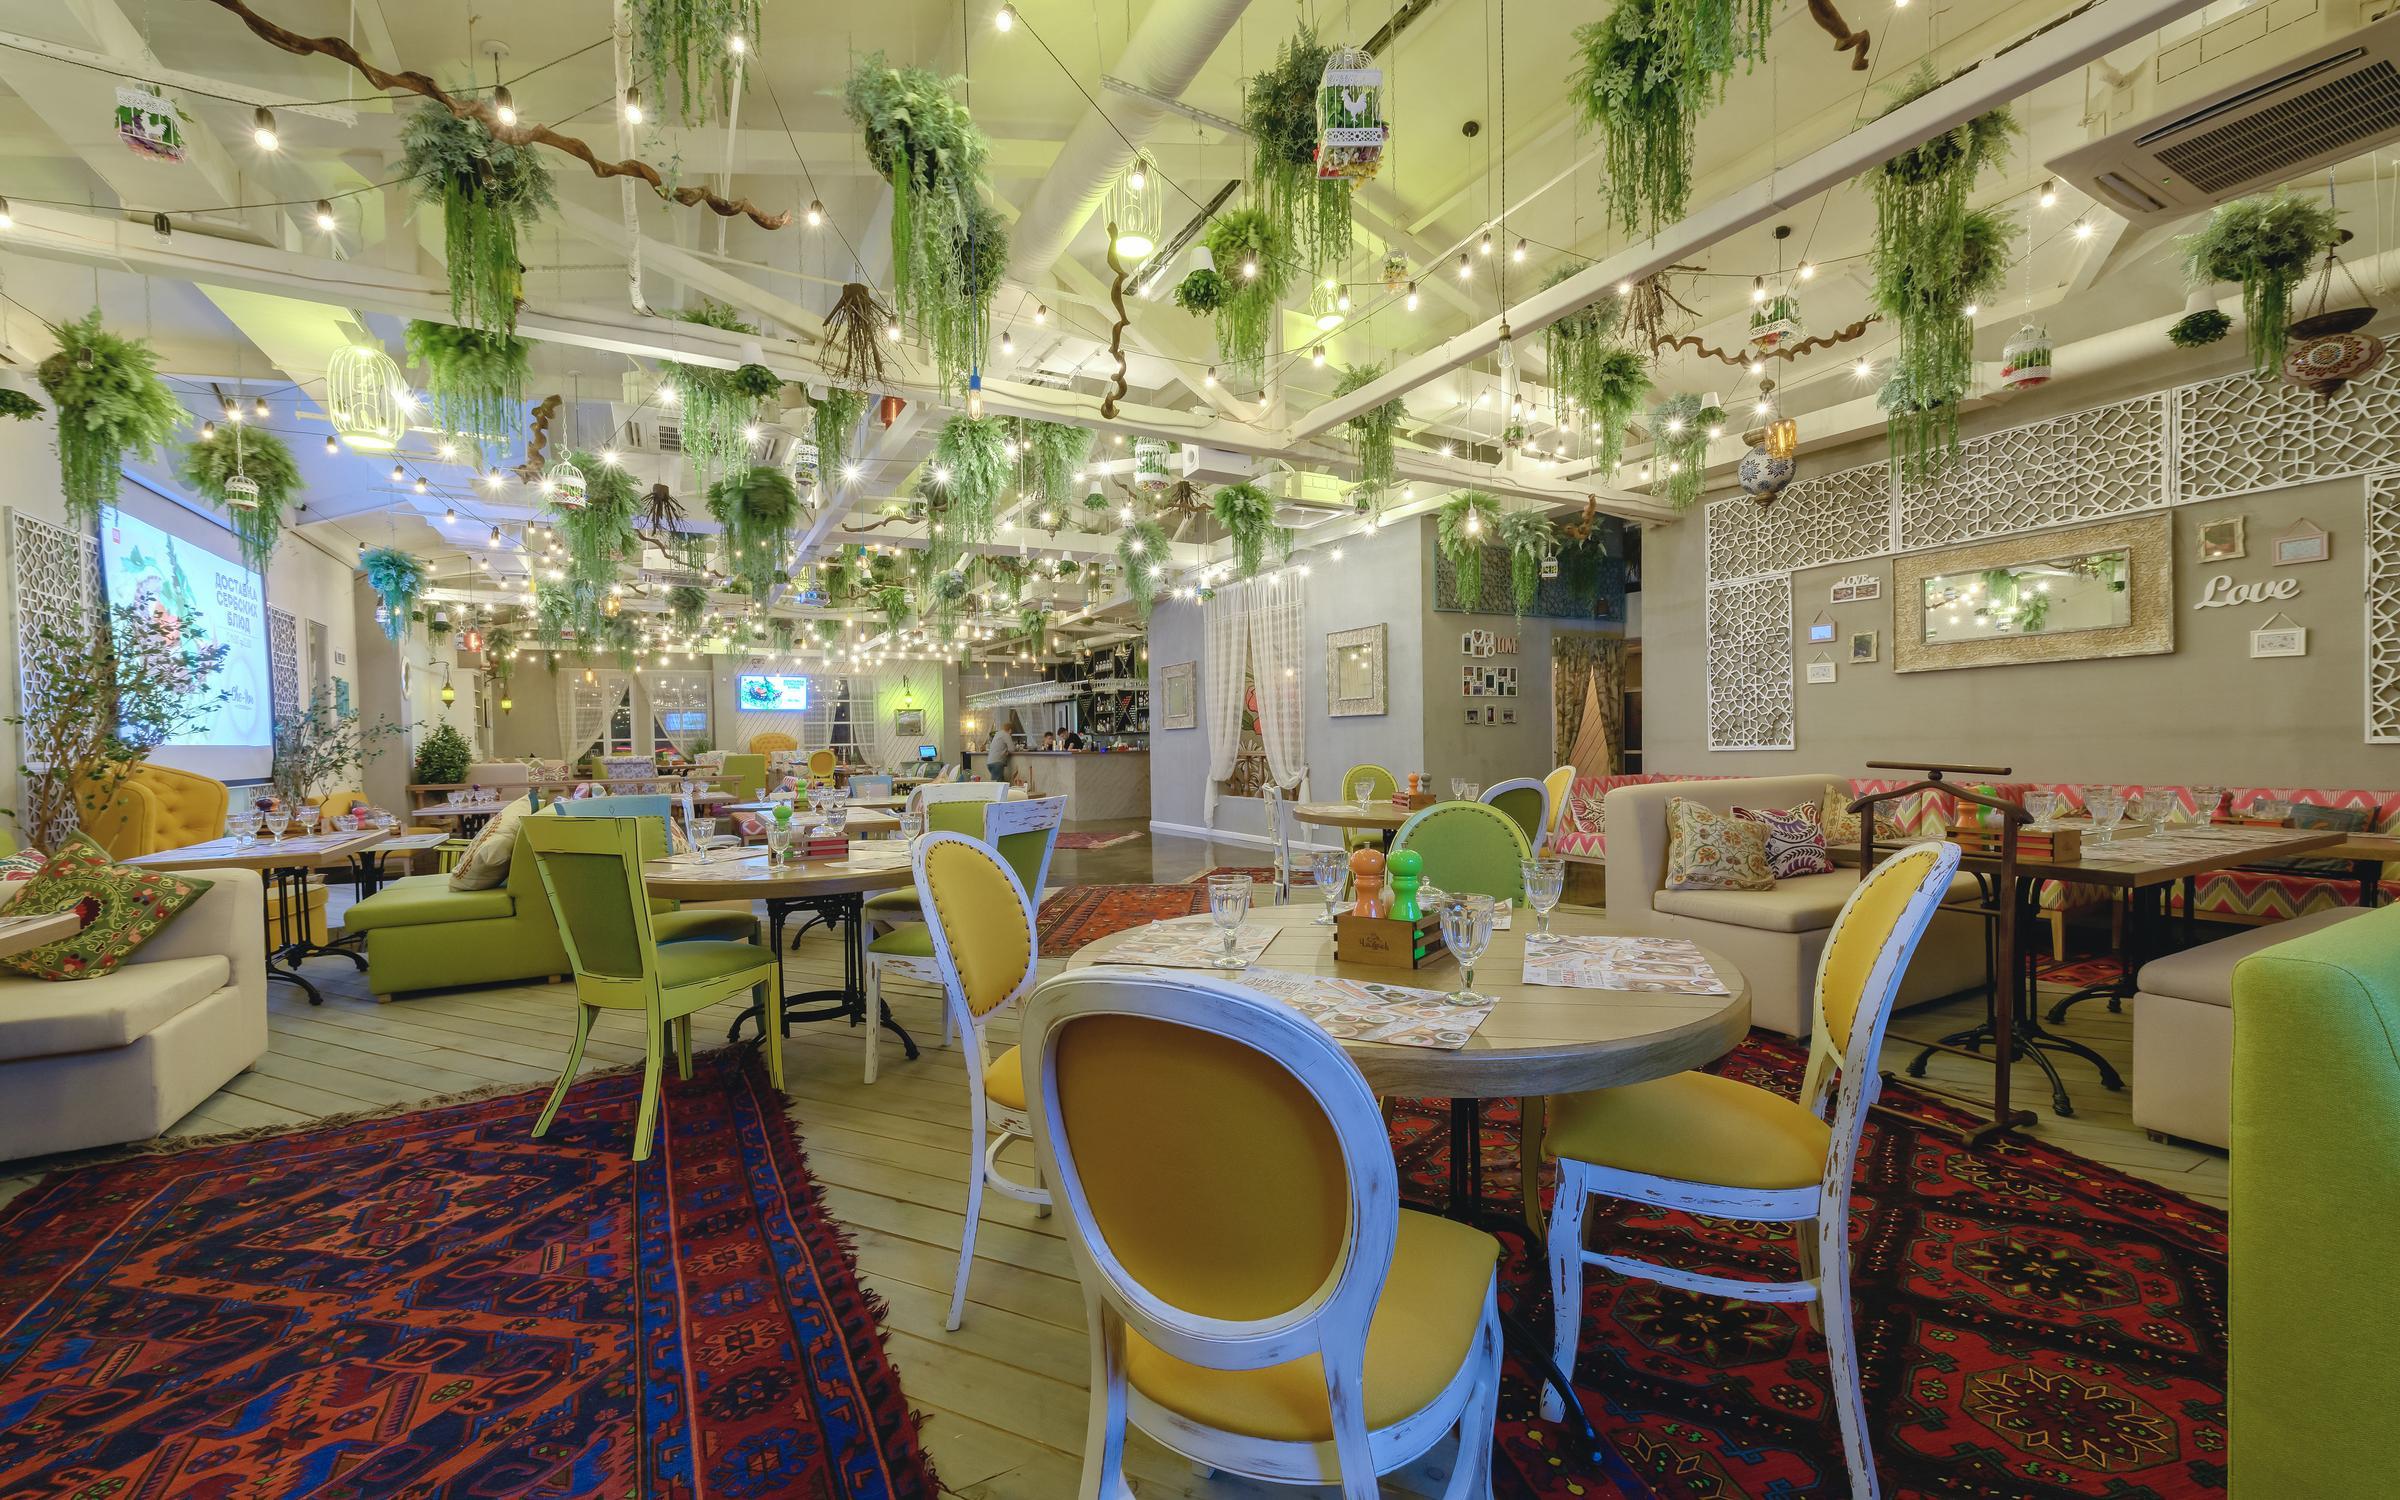 фотография Ресторана Чабрец в Морском переулке в Петергофе